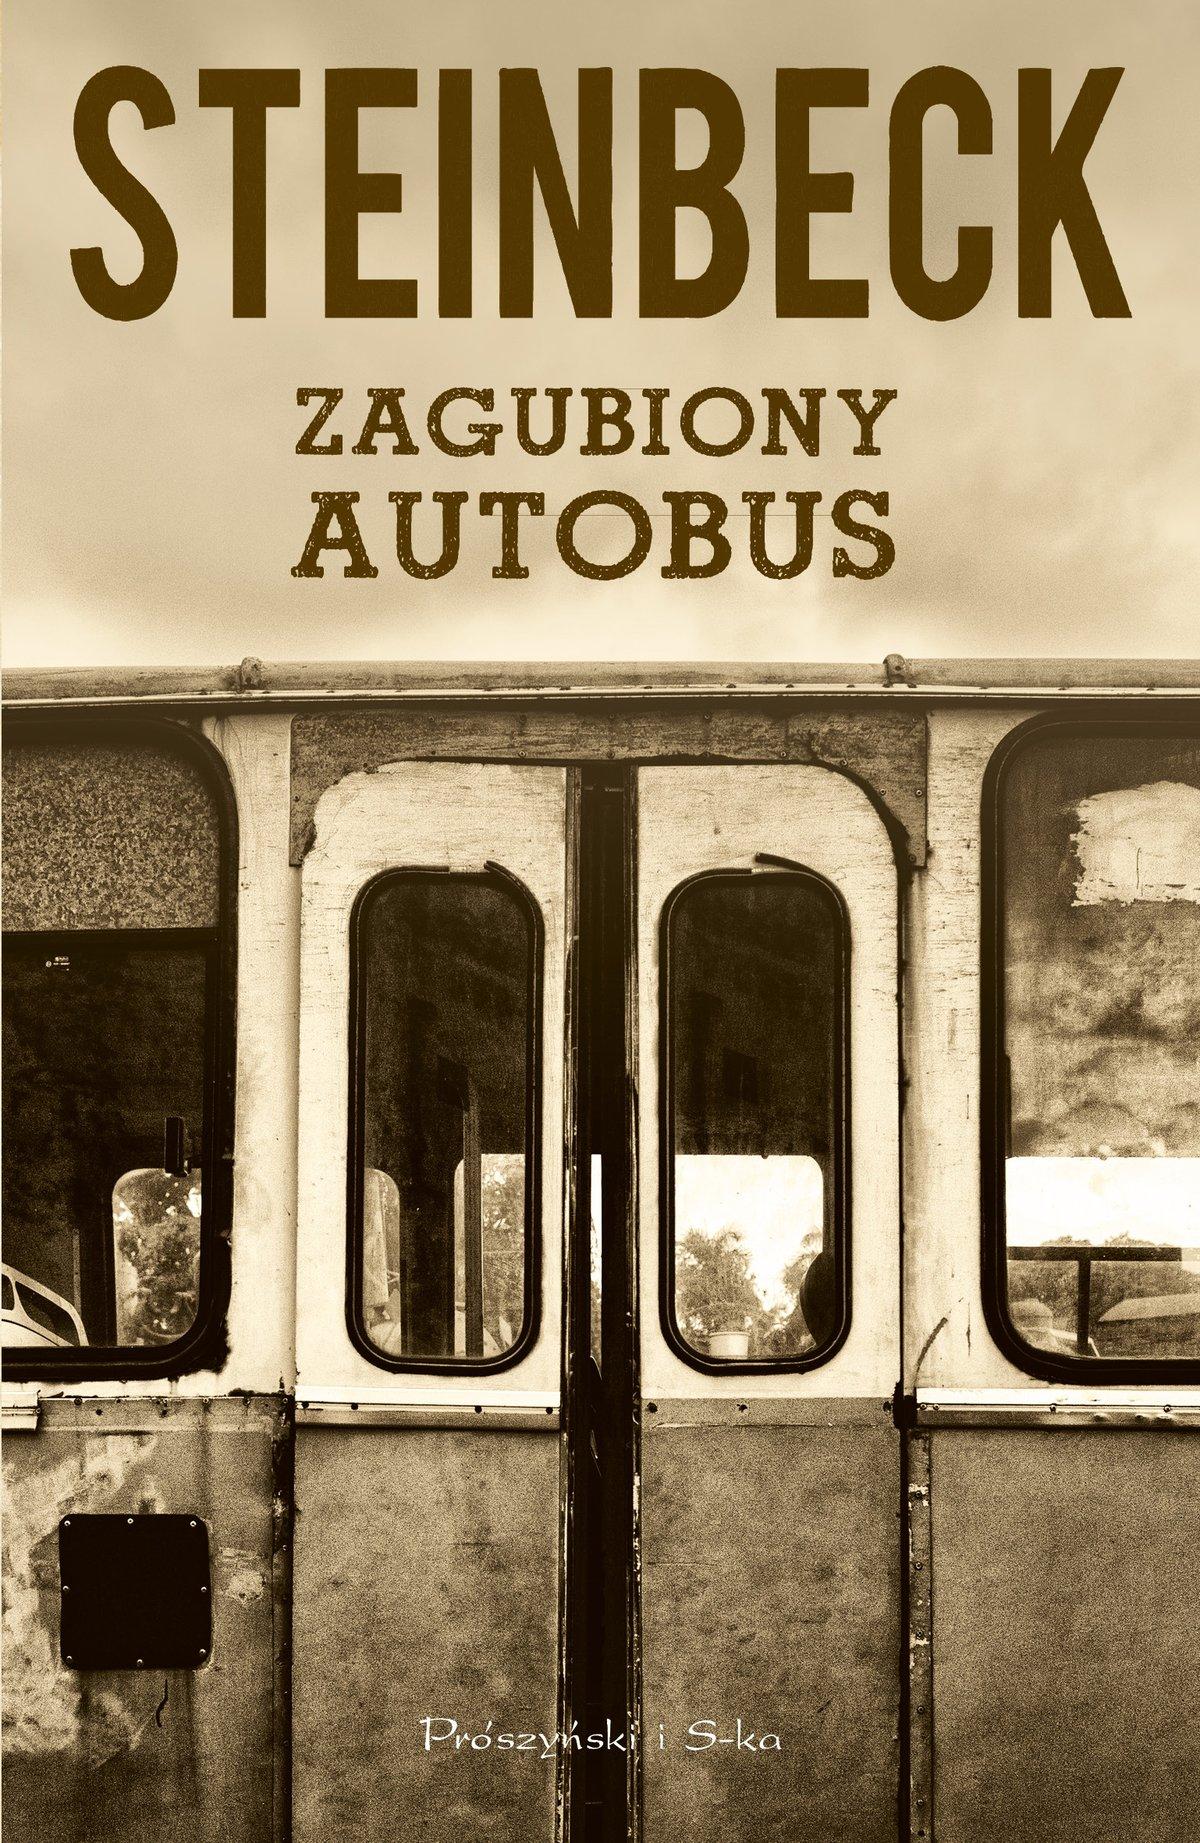 Zagubiony autobus - Ebook (Książka na Kindle) do pobrania w formacie MOBI